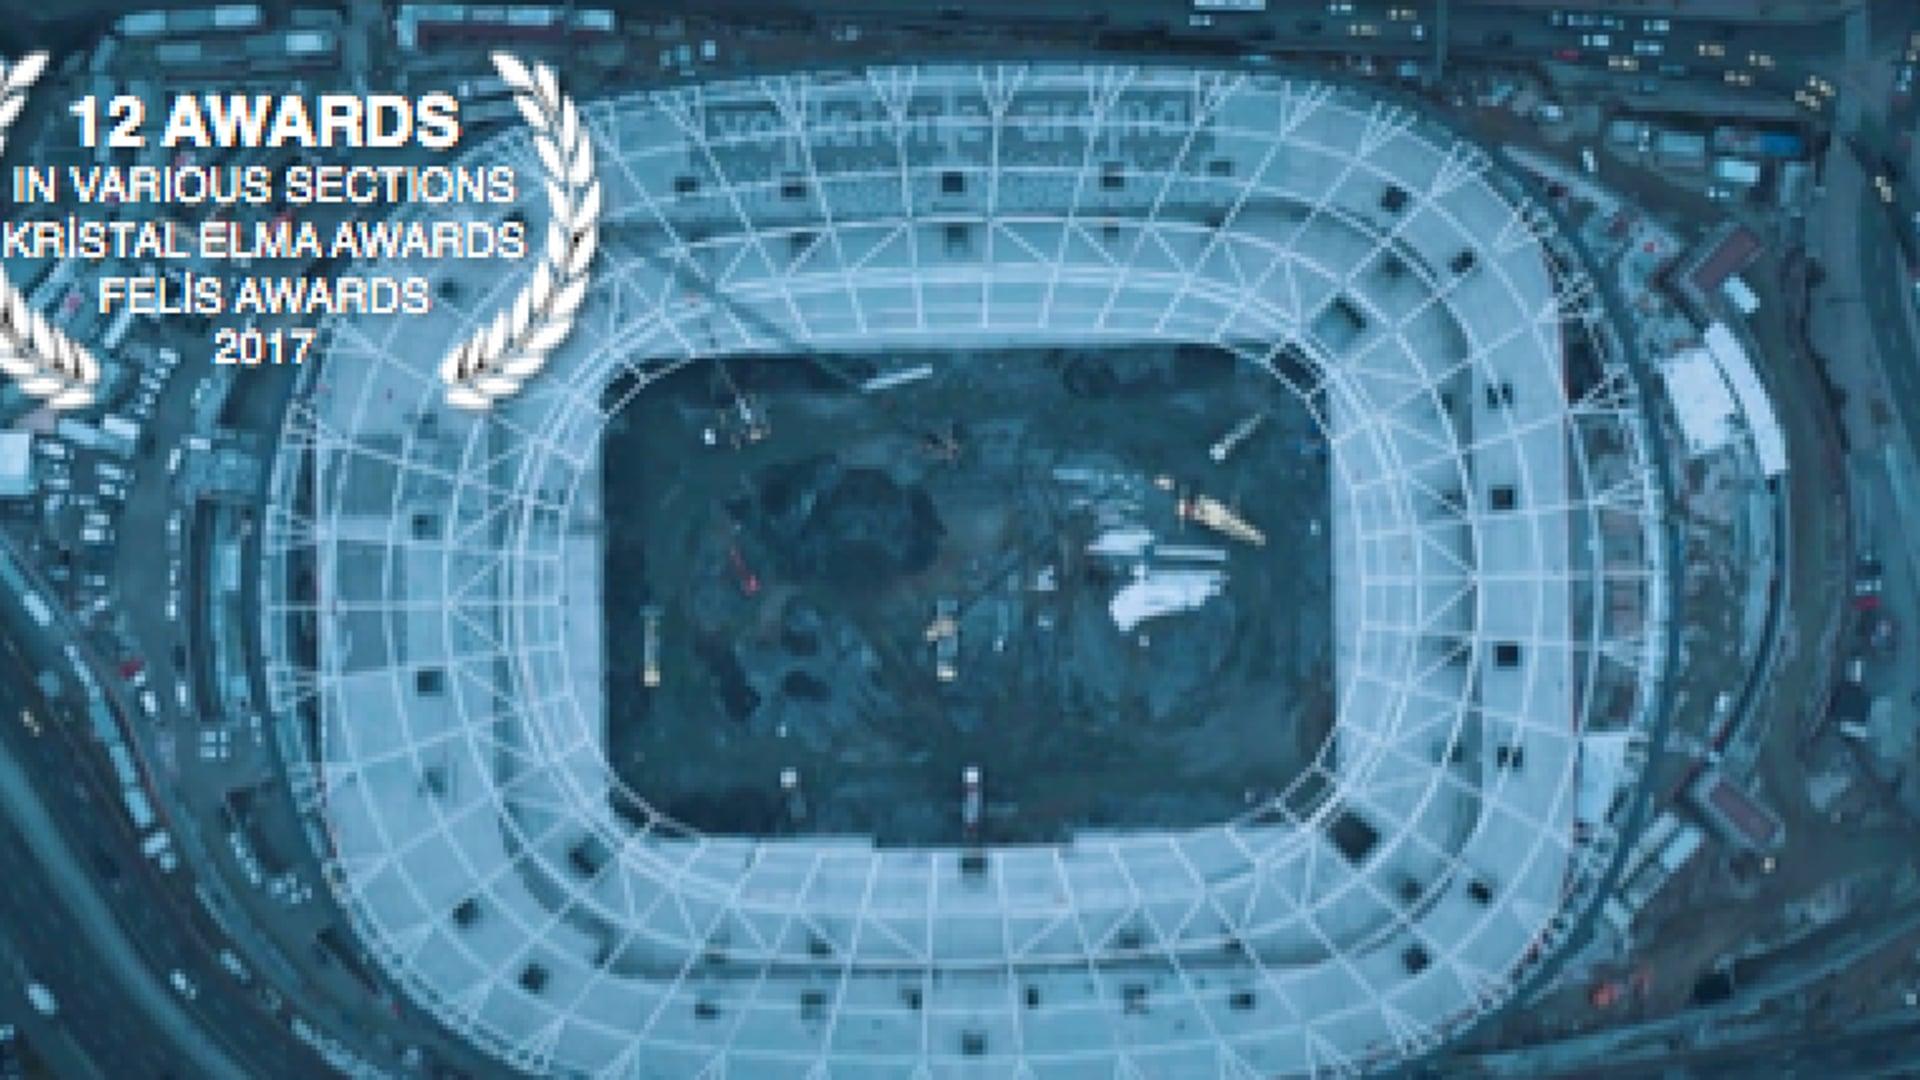 Vodafone Arena Stadium